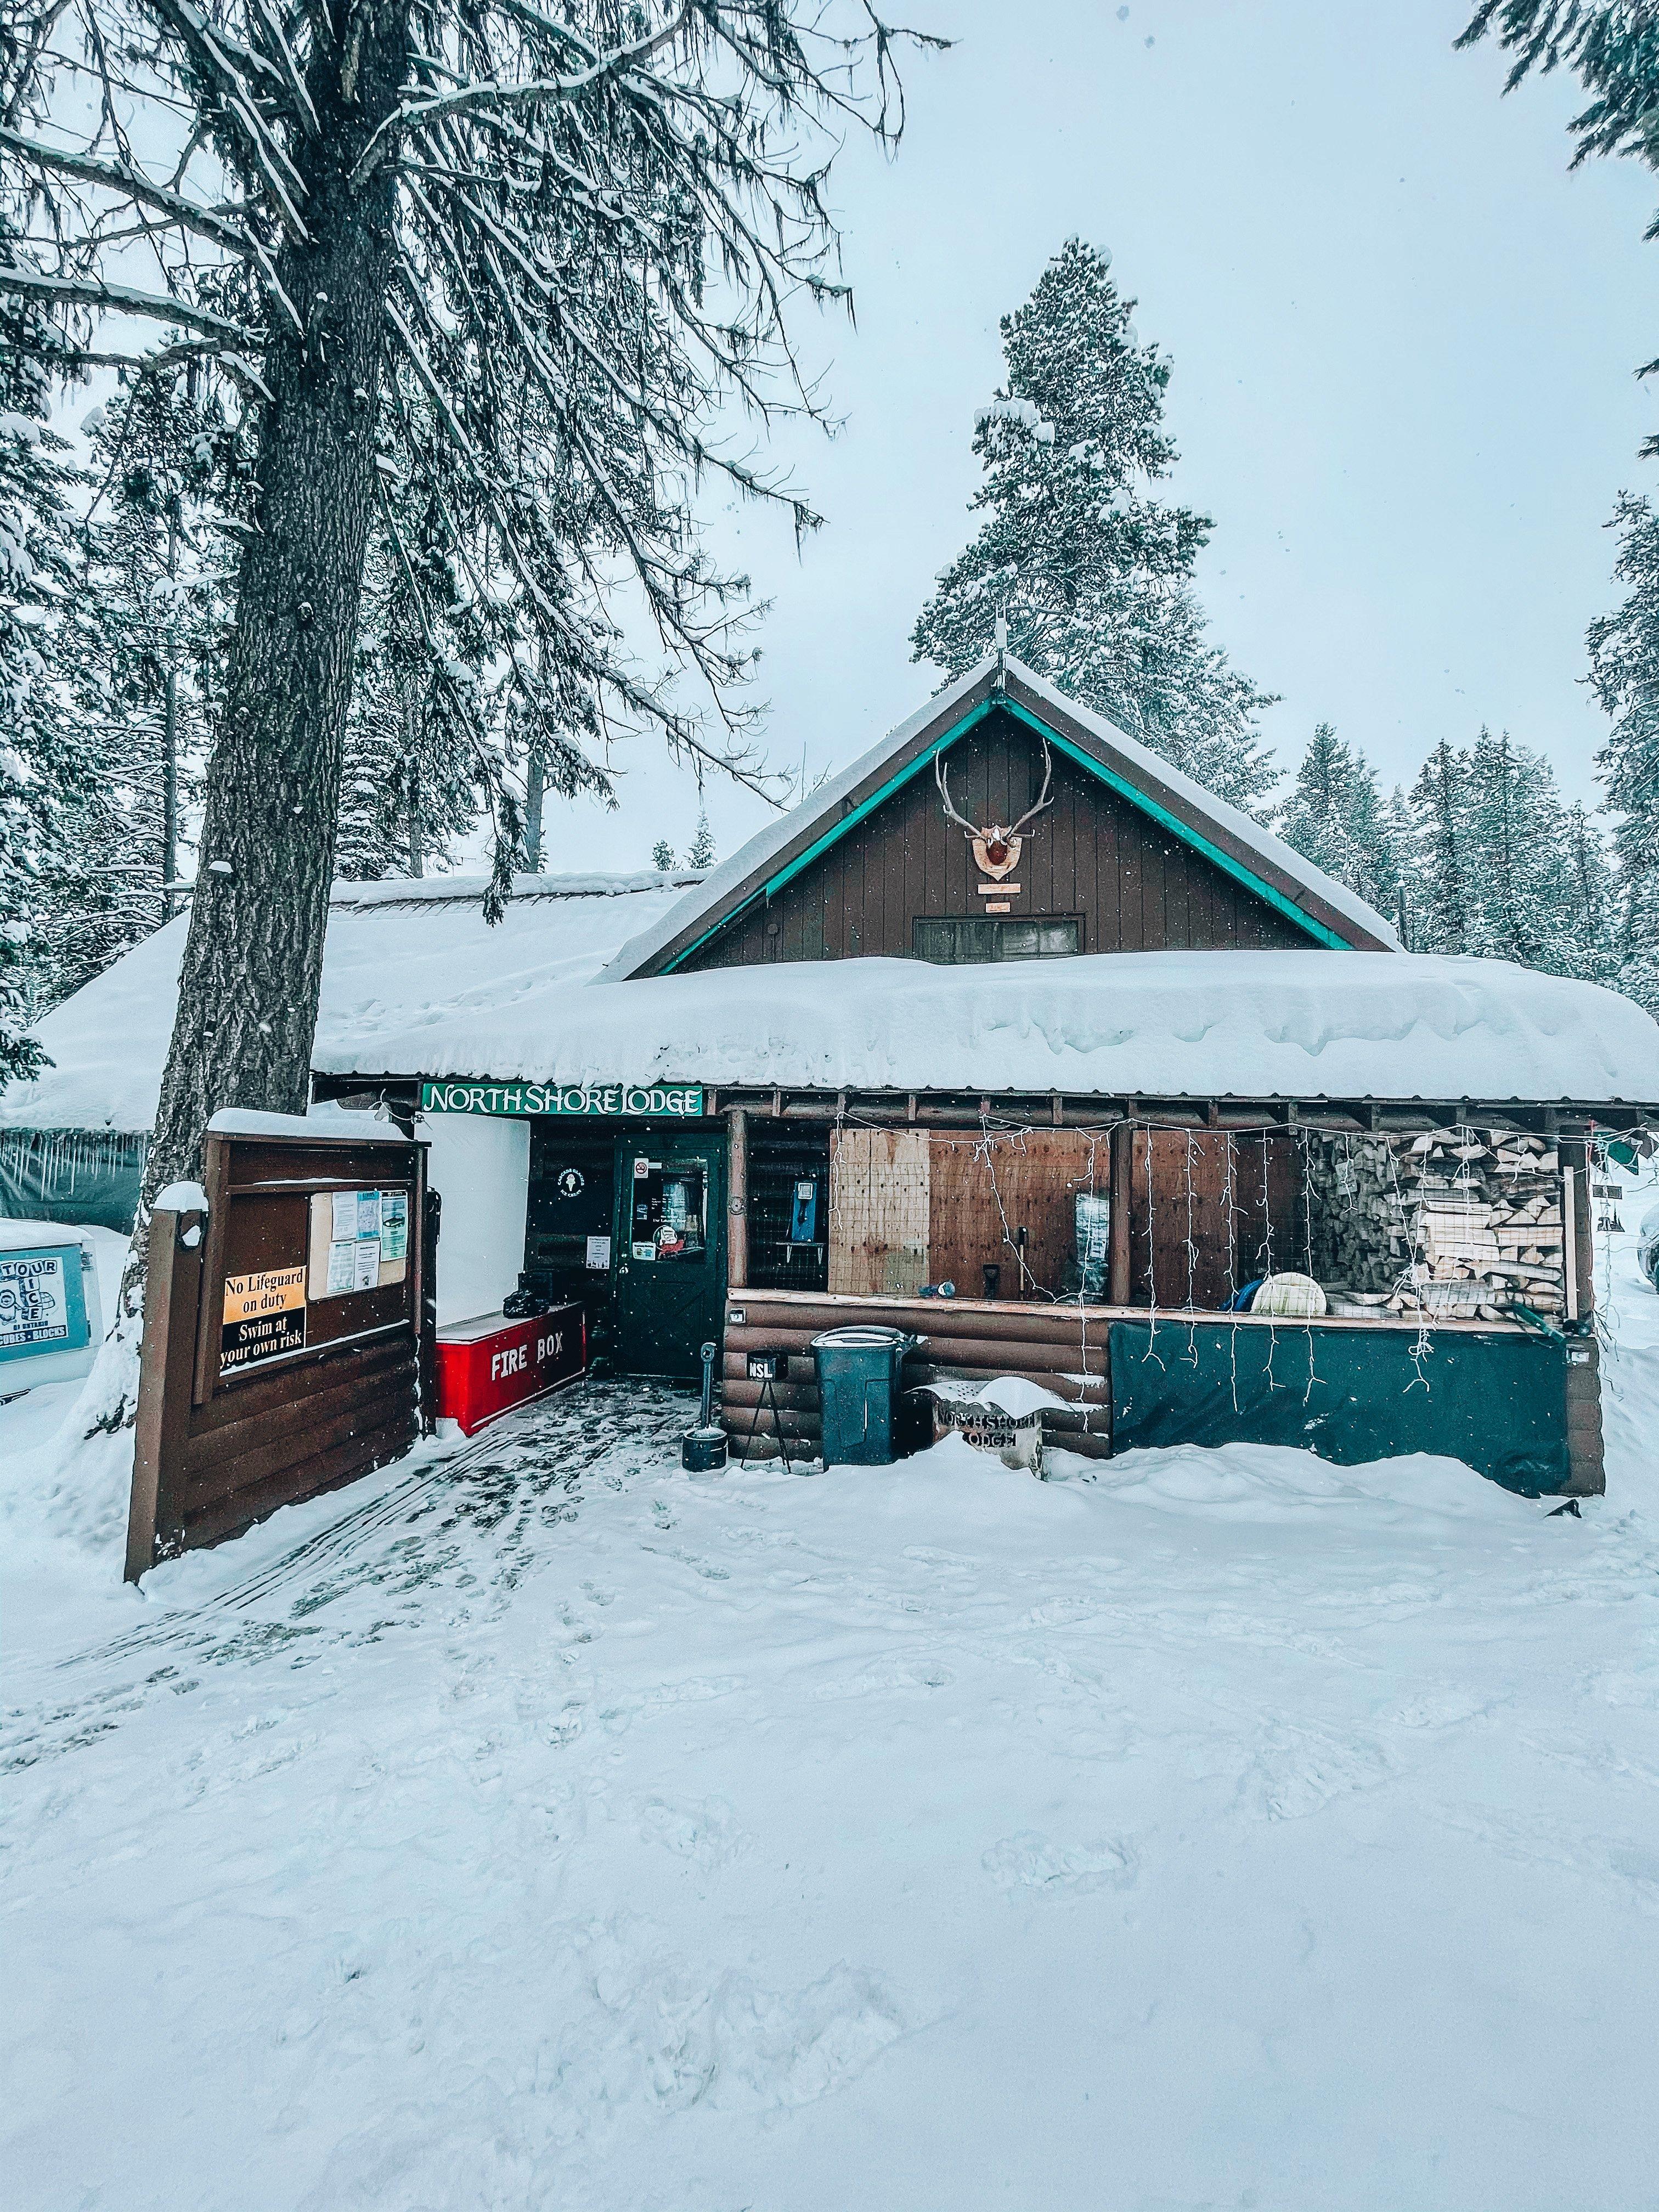 North Shore Lodge